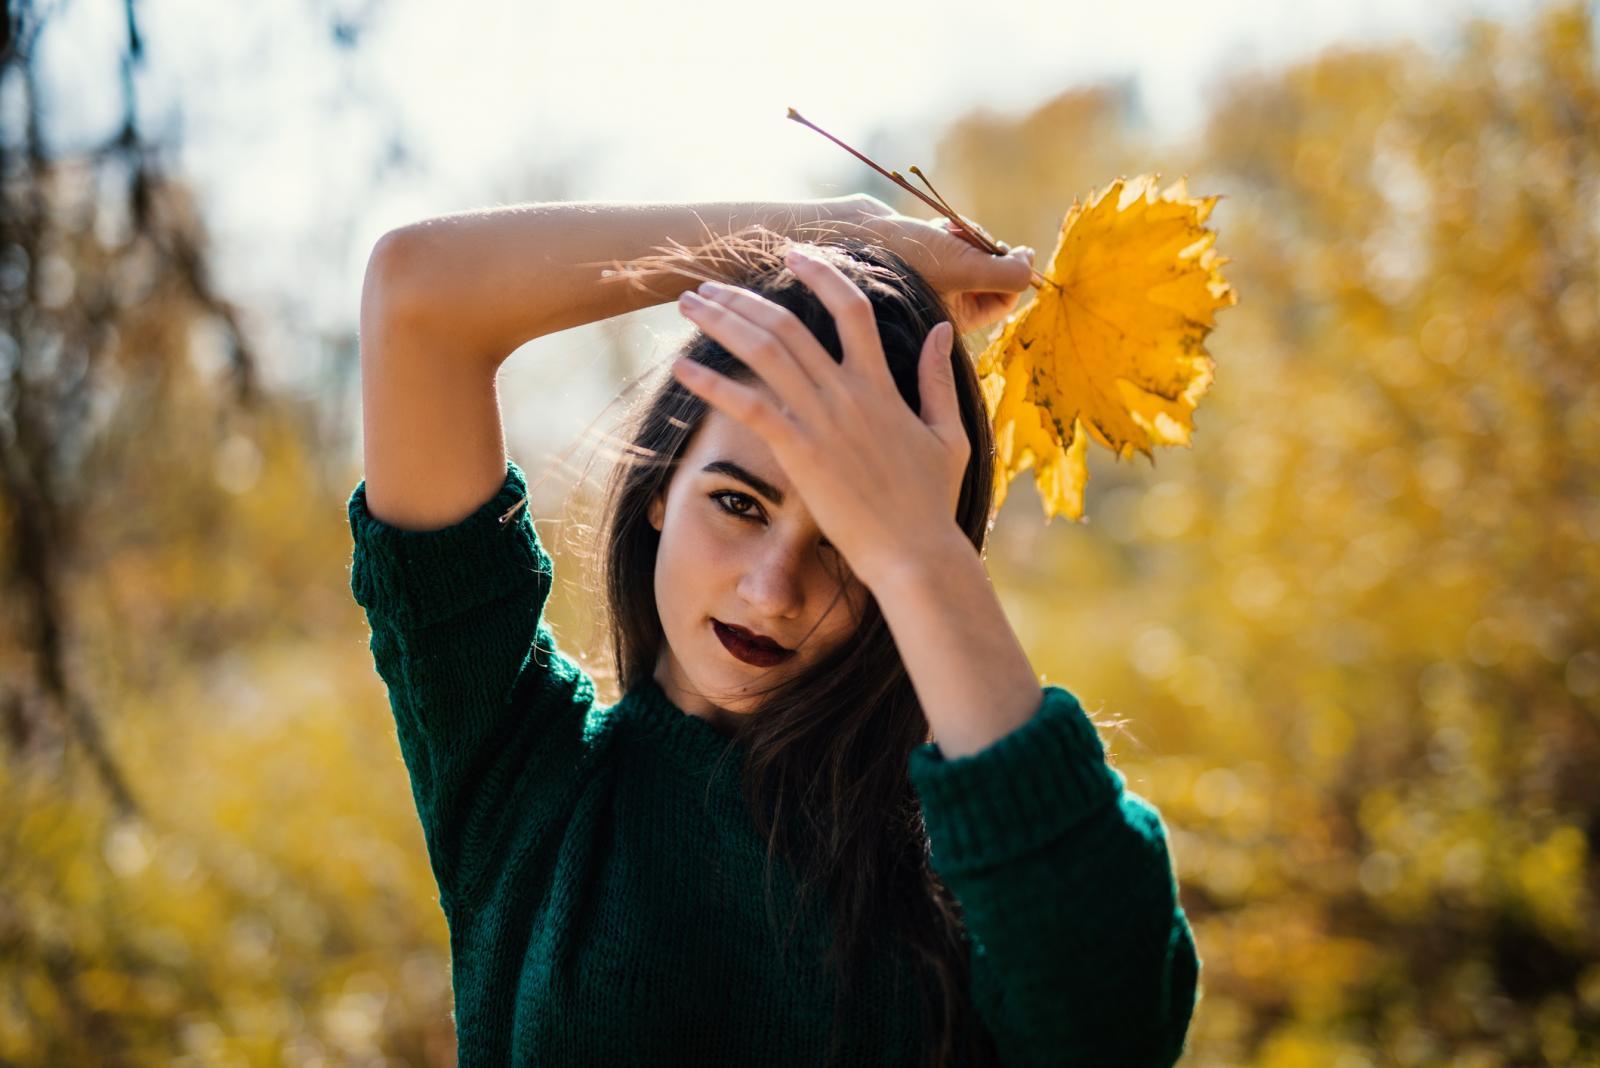 Dobri frizeri preporučuju raznolik program njege kose zato što stalna upotreba istog proizvoda može dovesti do zasićenosti na kosi i vlasištu. Biljni preparati stoga su uvijek dobrodošli.